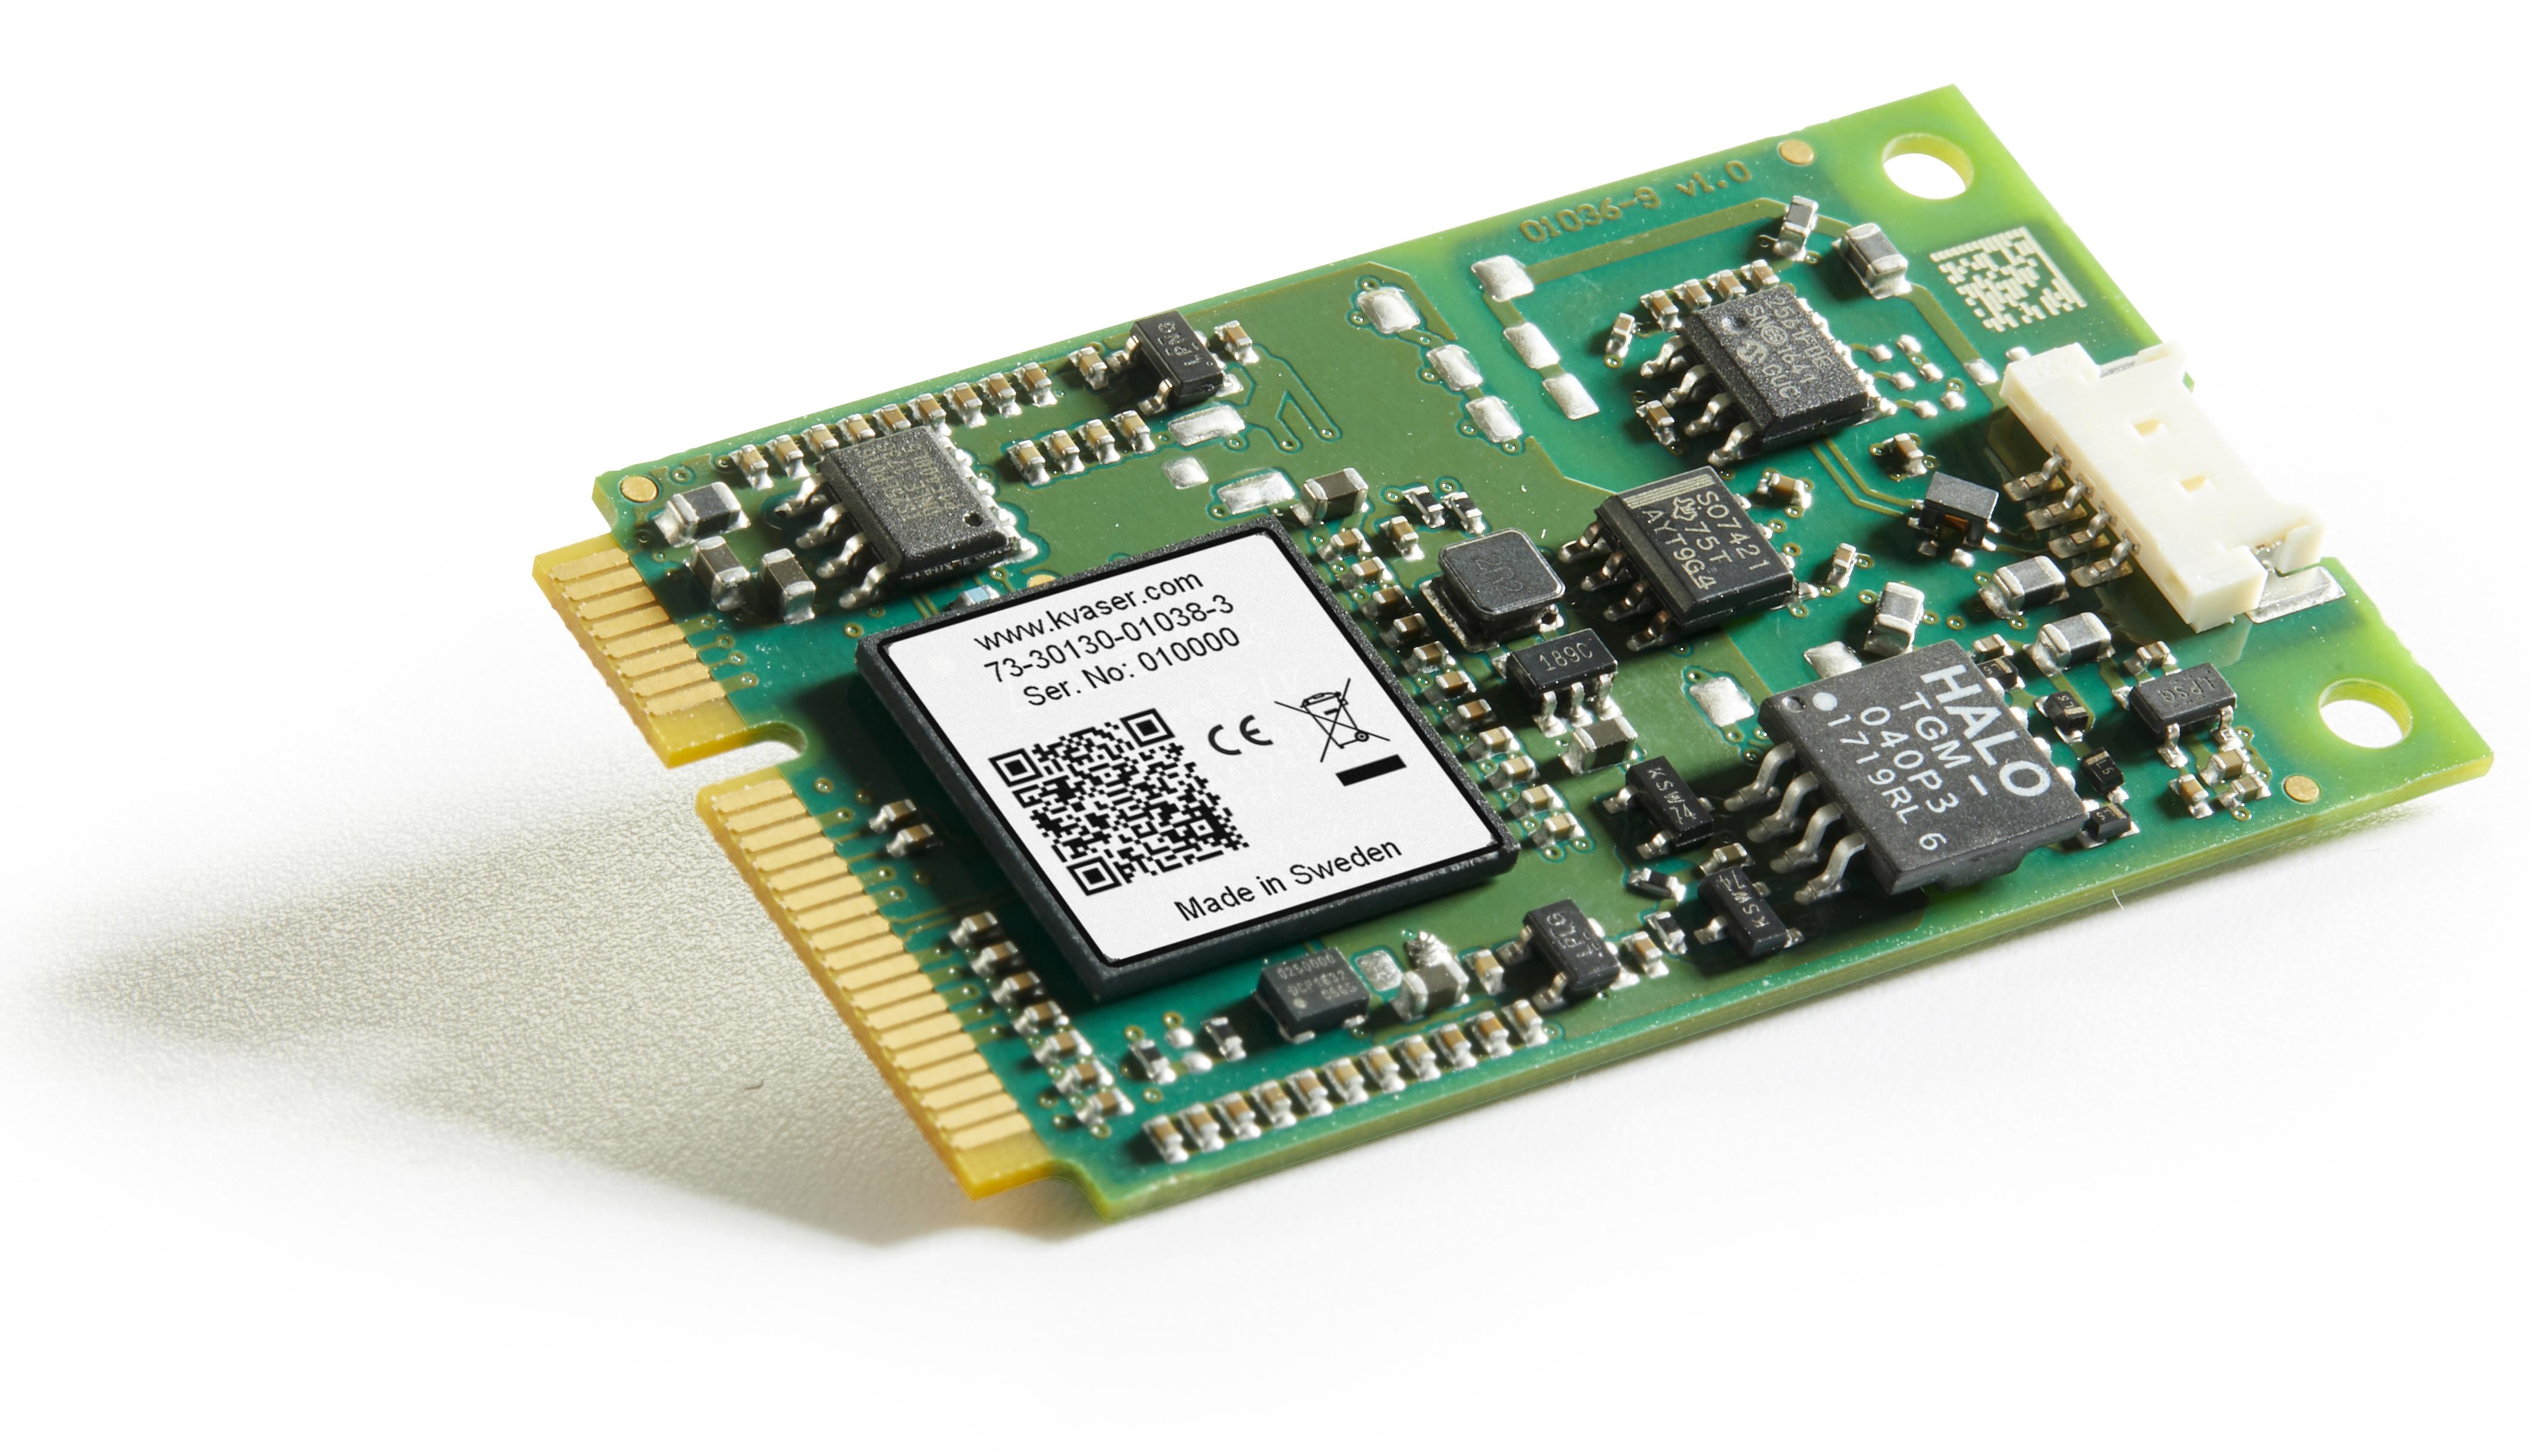 01038-3 Kvaser Mini PCI Express HS v2